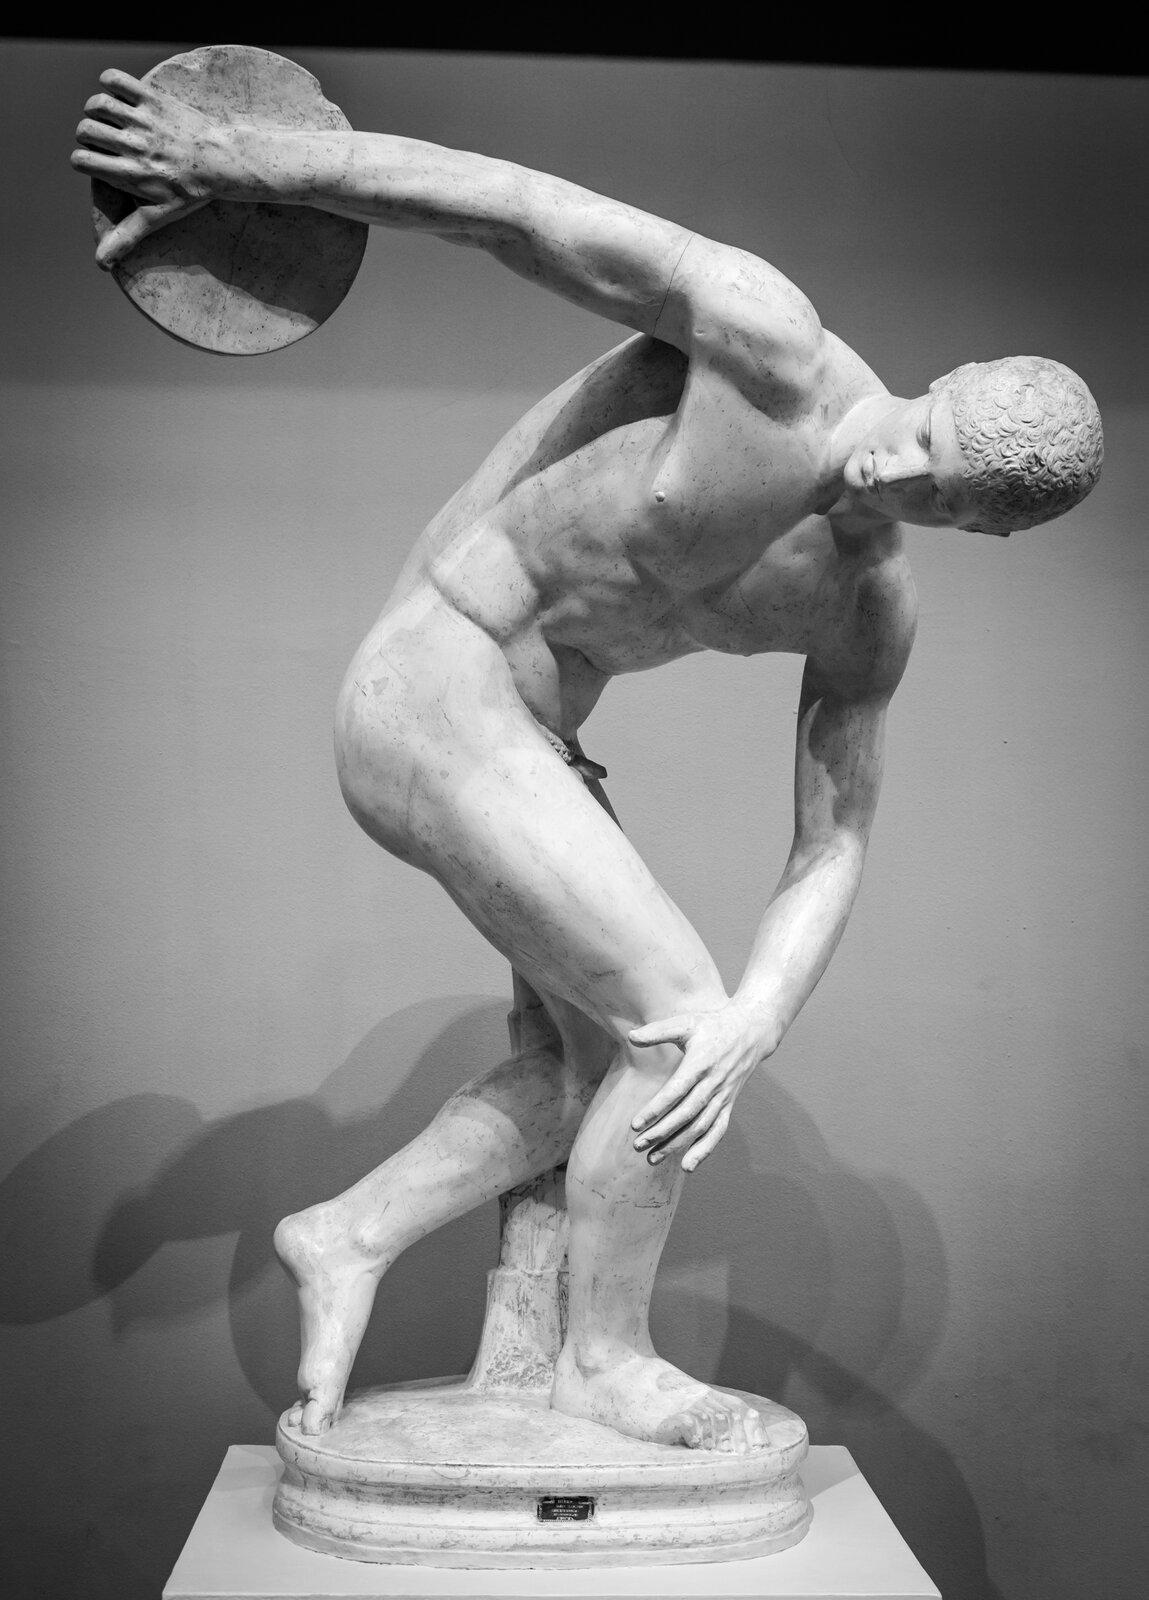 """Ilustracja przedstawia rzeźbę """"Dyskobol"""" Myron zVw. p.n.e. Jest to postać nagiego, umięśnionego mężczyzny tuż przed wyrzuceniem dysku. Ramiona są ułożone wtaki sposób, że wydaje się jakby tworzyły część okręgu. Jest pochylony, zugiętymi lekko kolanami iwprawej ręce trzyma dysk. Lewa ręka położona jest na kolanie. Prawa stopa stoi oparta wcałości na ziemi, alewa oparta jest tylko na czubkach palców. Na twarzy nie widać emocji, ajedynie skupienie. Postać ukazana jest wpełni realistycznie, oddaje naturalny ruch."""